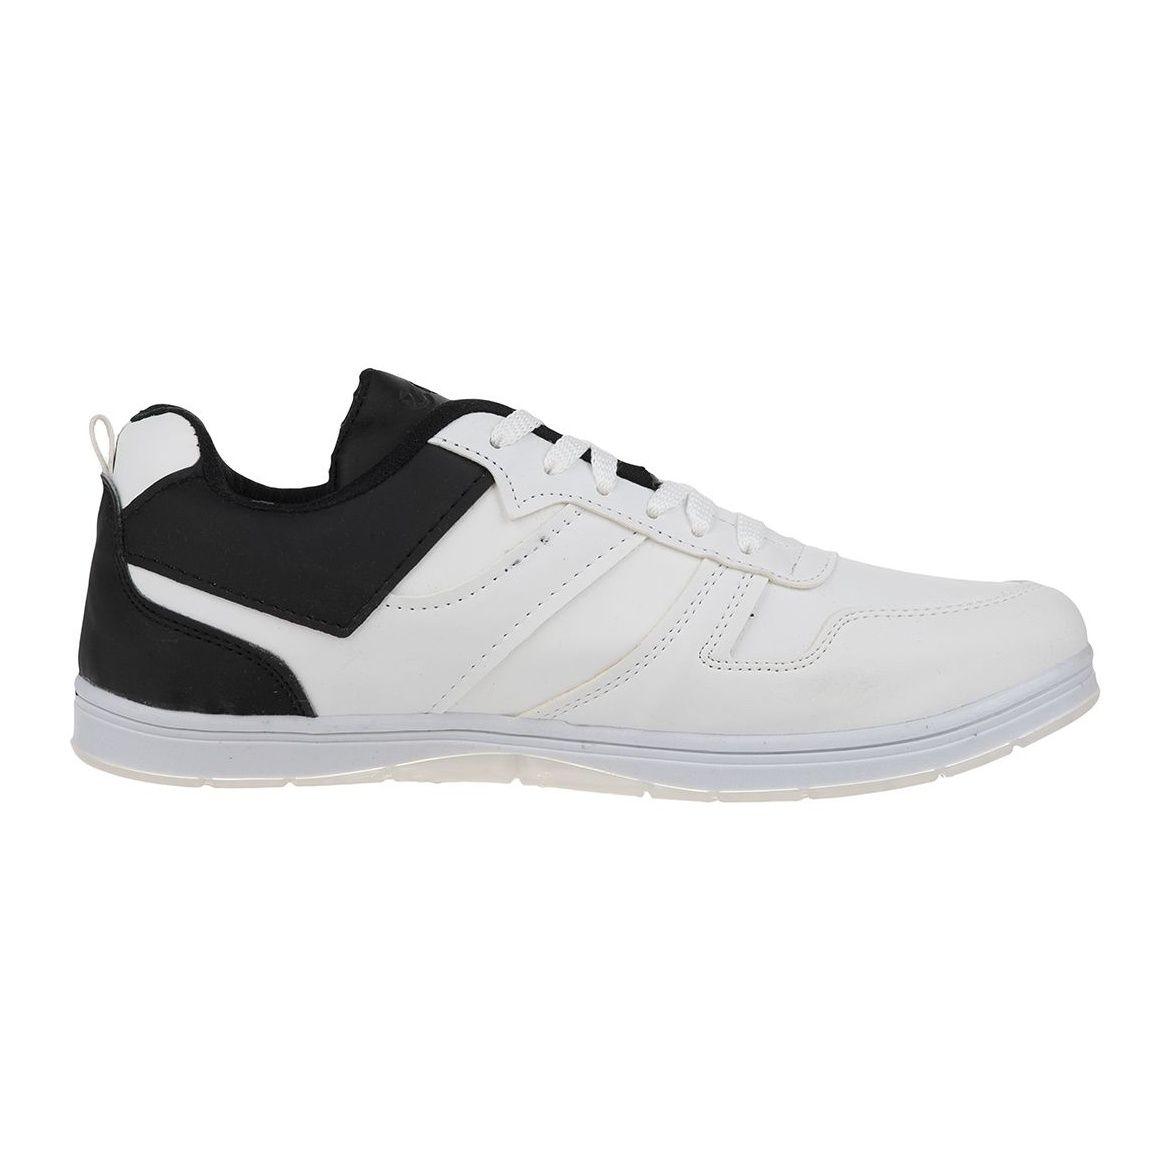 کفش ورزشی مردانه مدل K.Bs.075 main 1 2